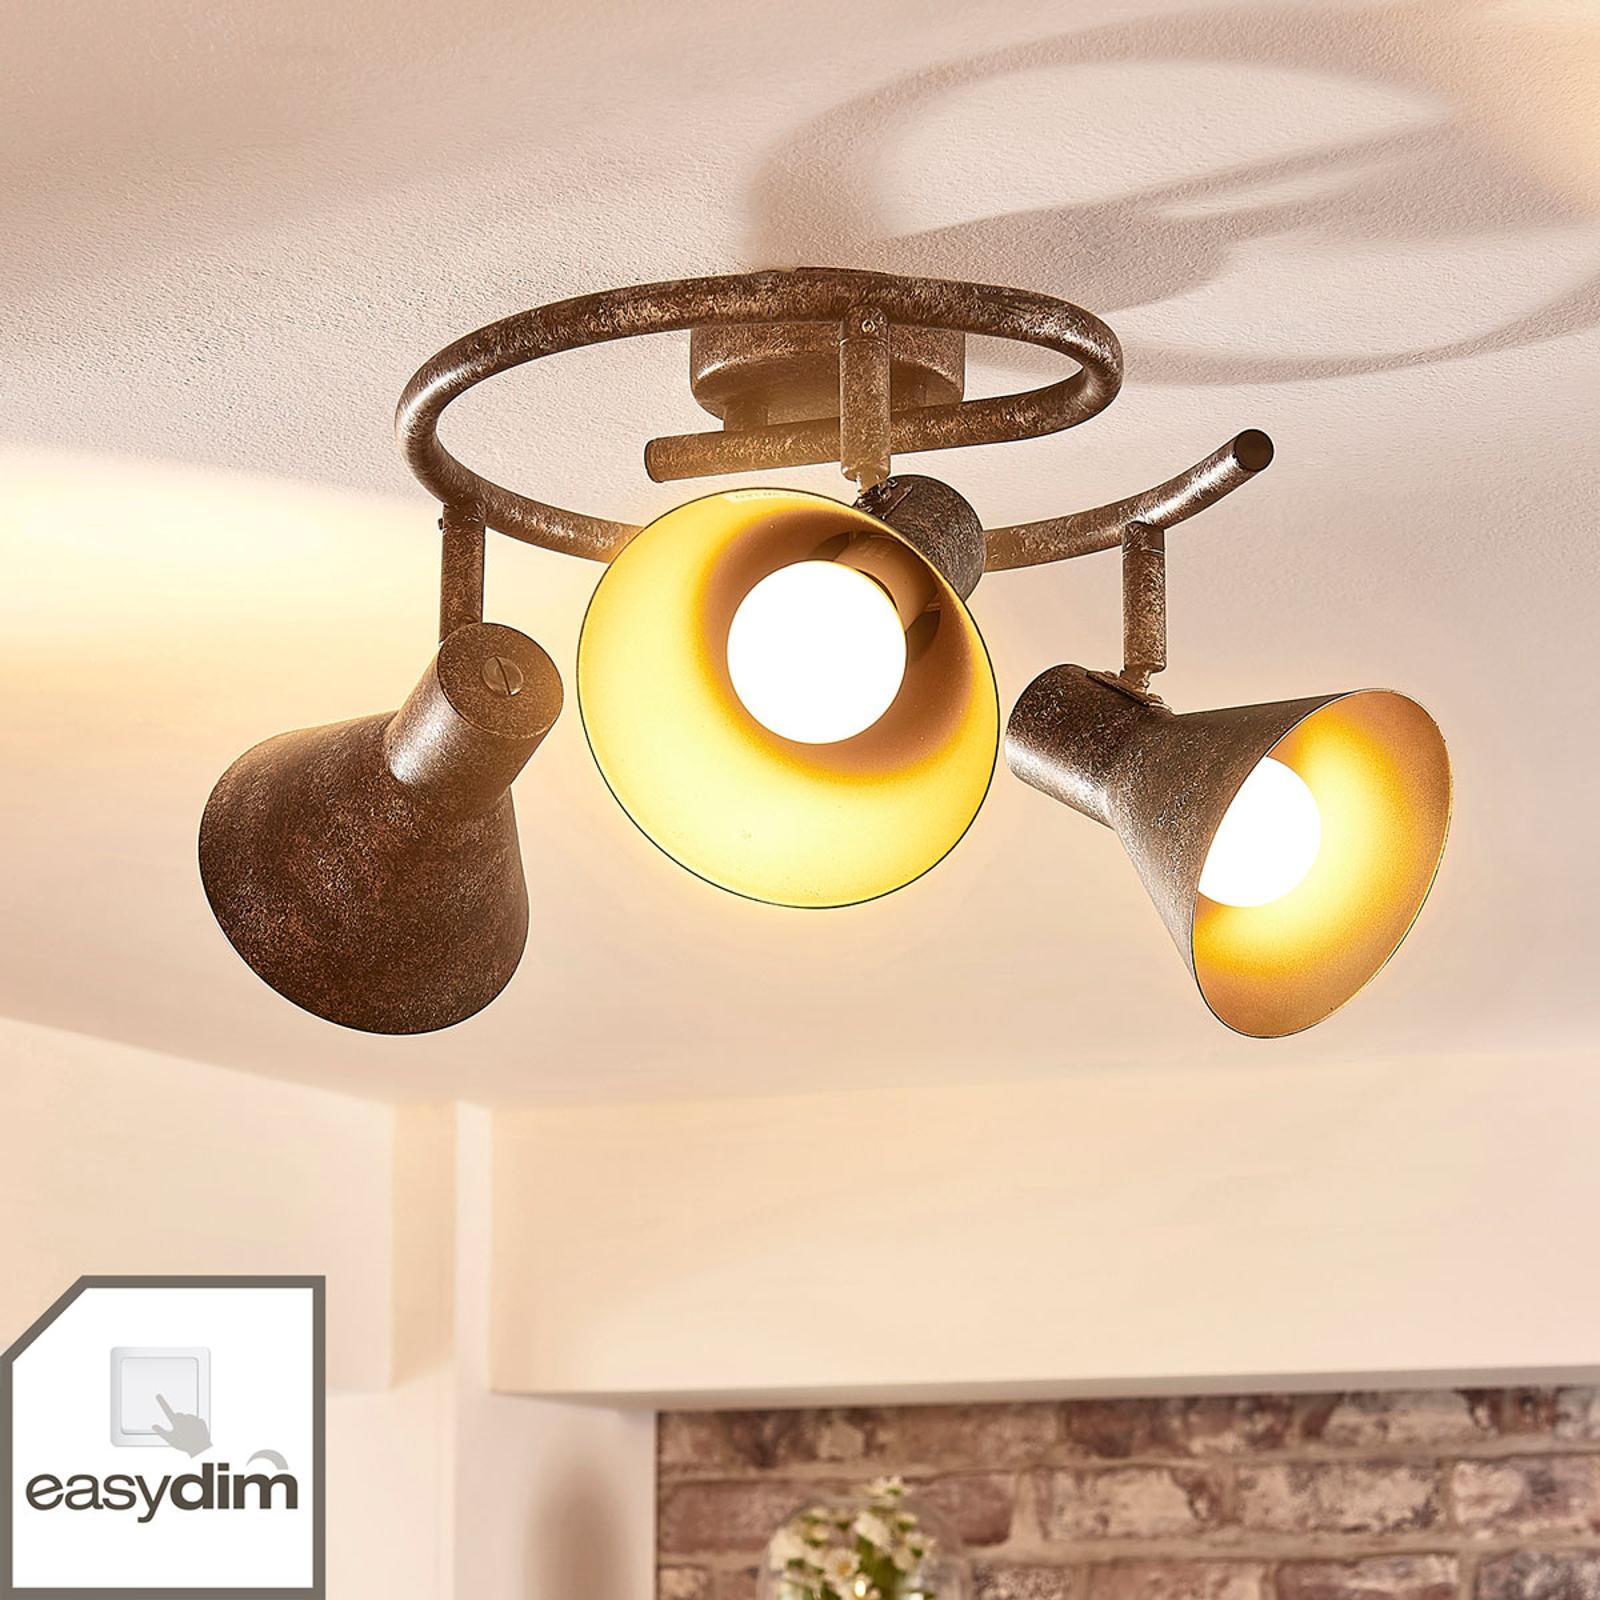 Plafonnier rond LED dimmable Zera rouille et doré